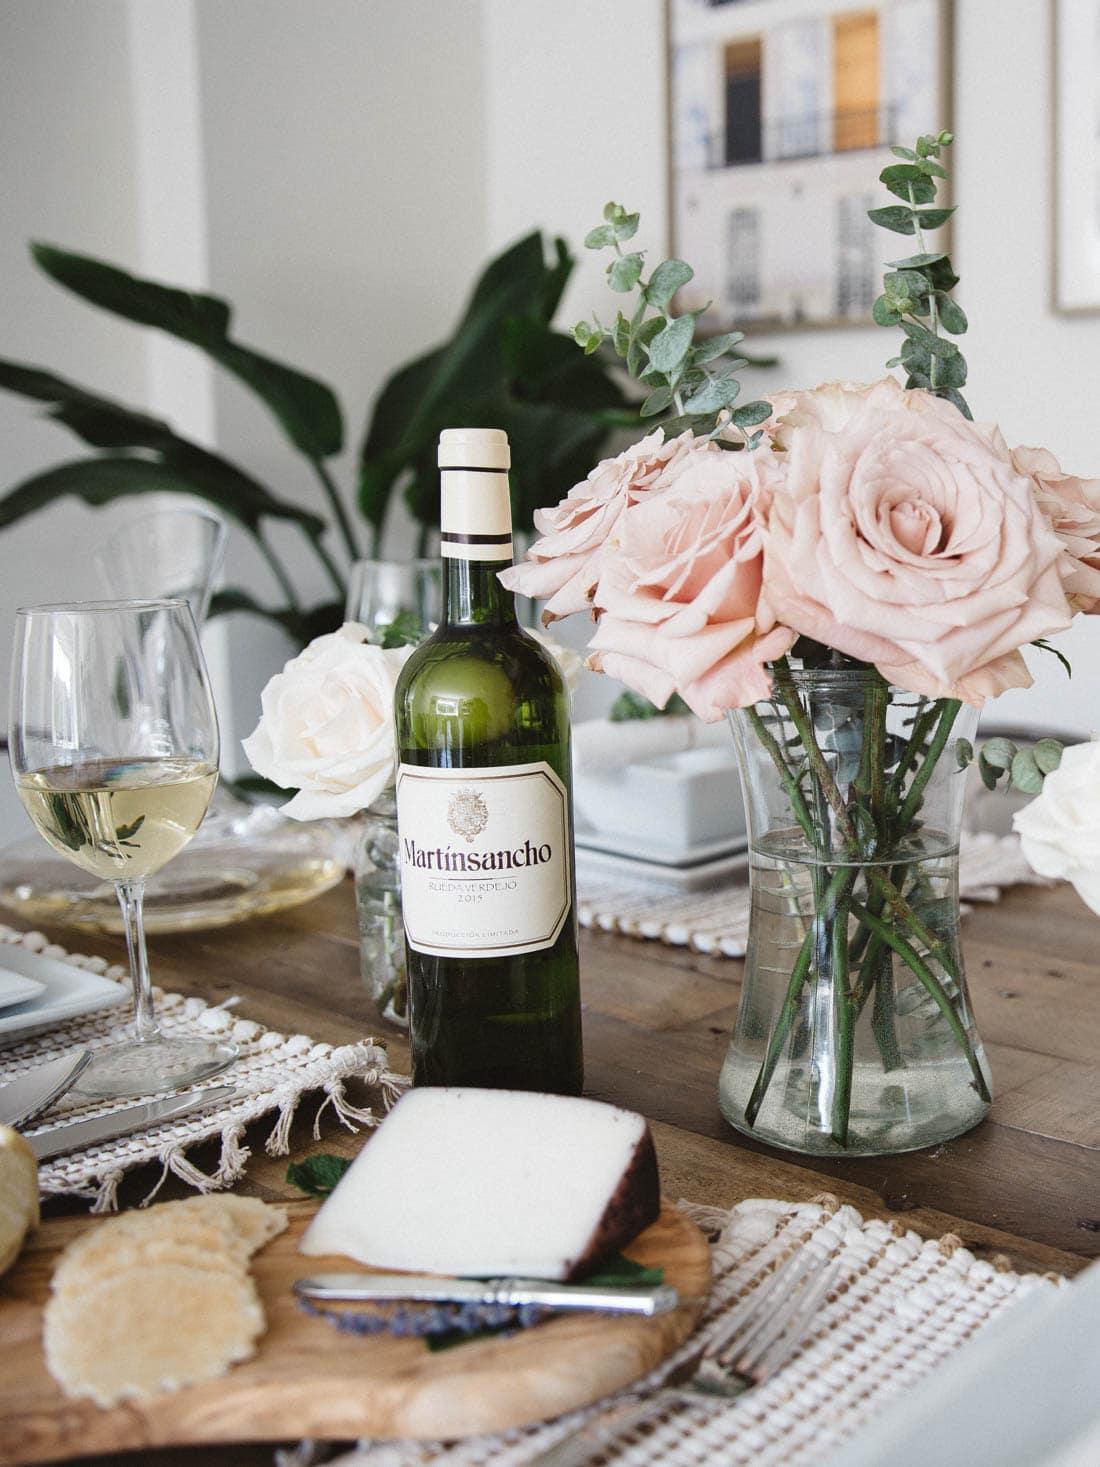 Inexpensive white wine